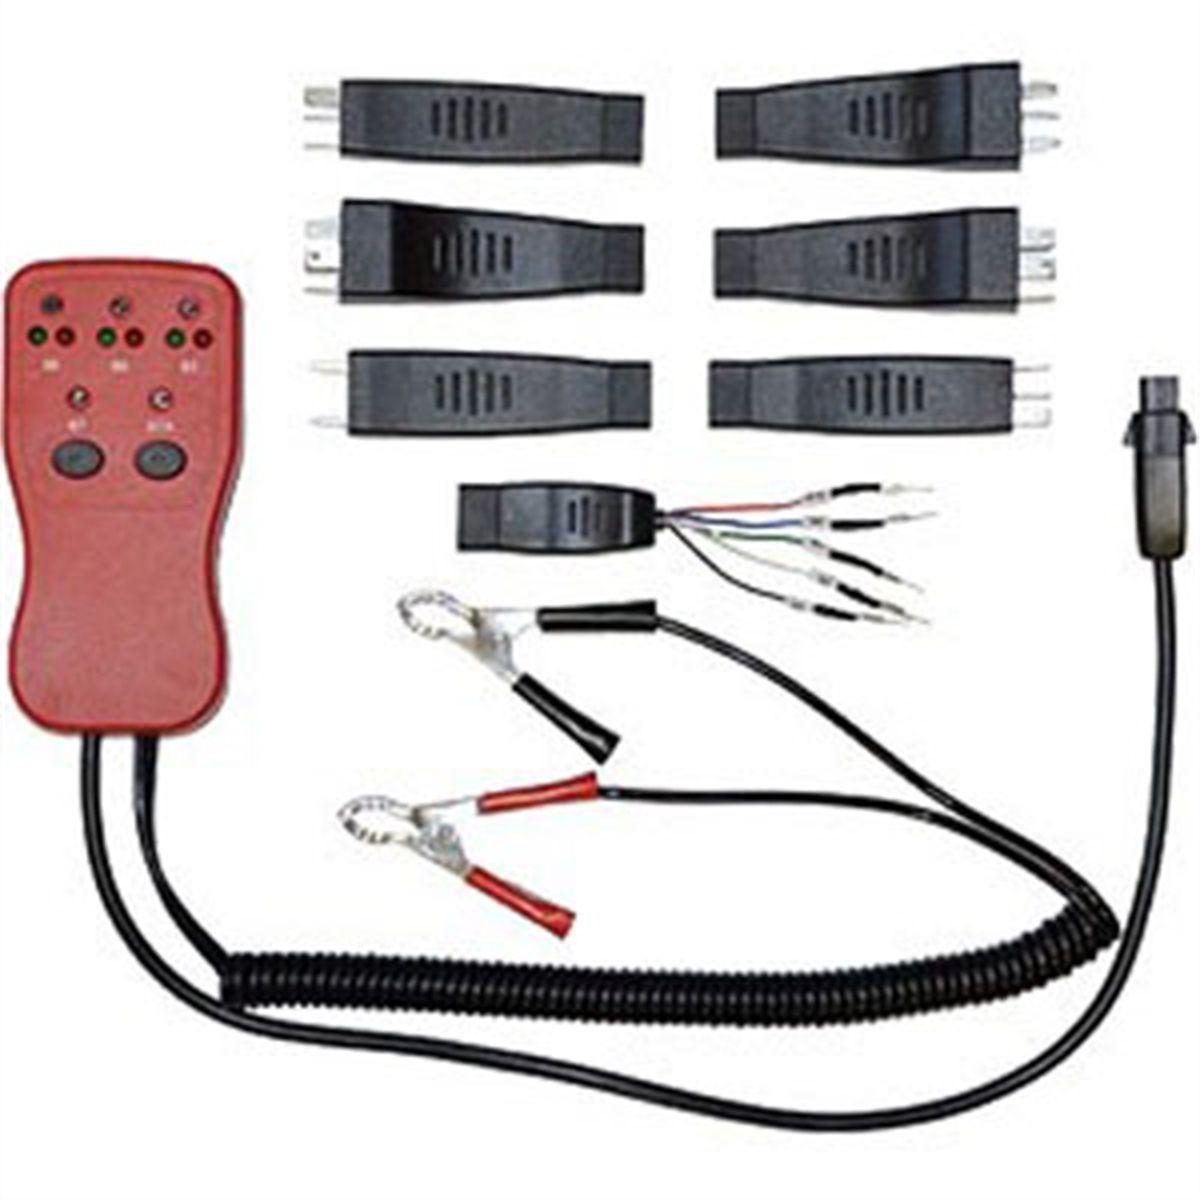 Relay Circuit Diagnostic Tester Tool 12 or 24 Volt Calvan Tools 76